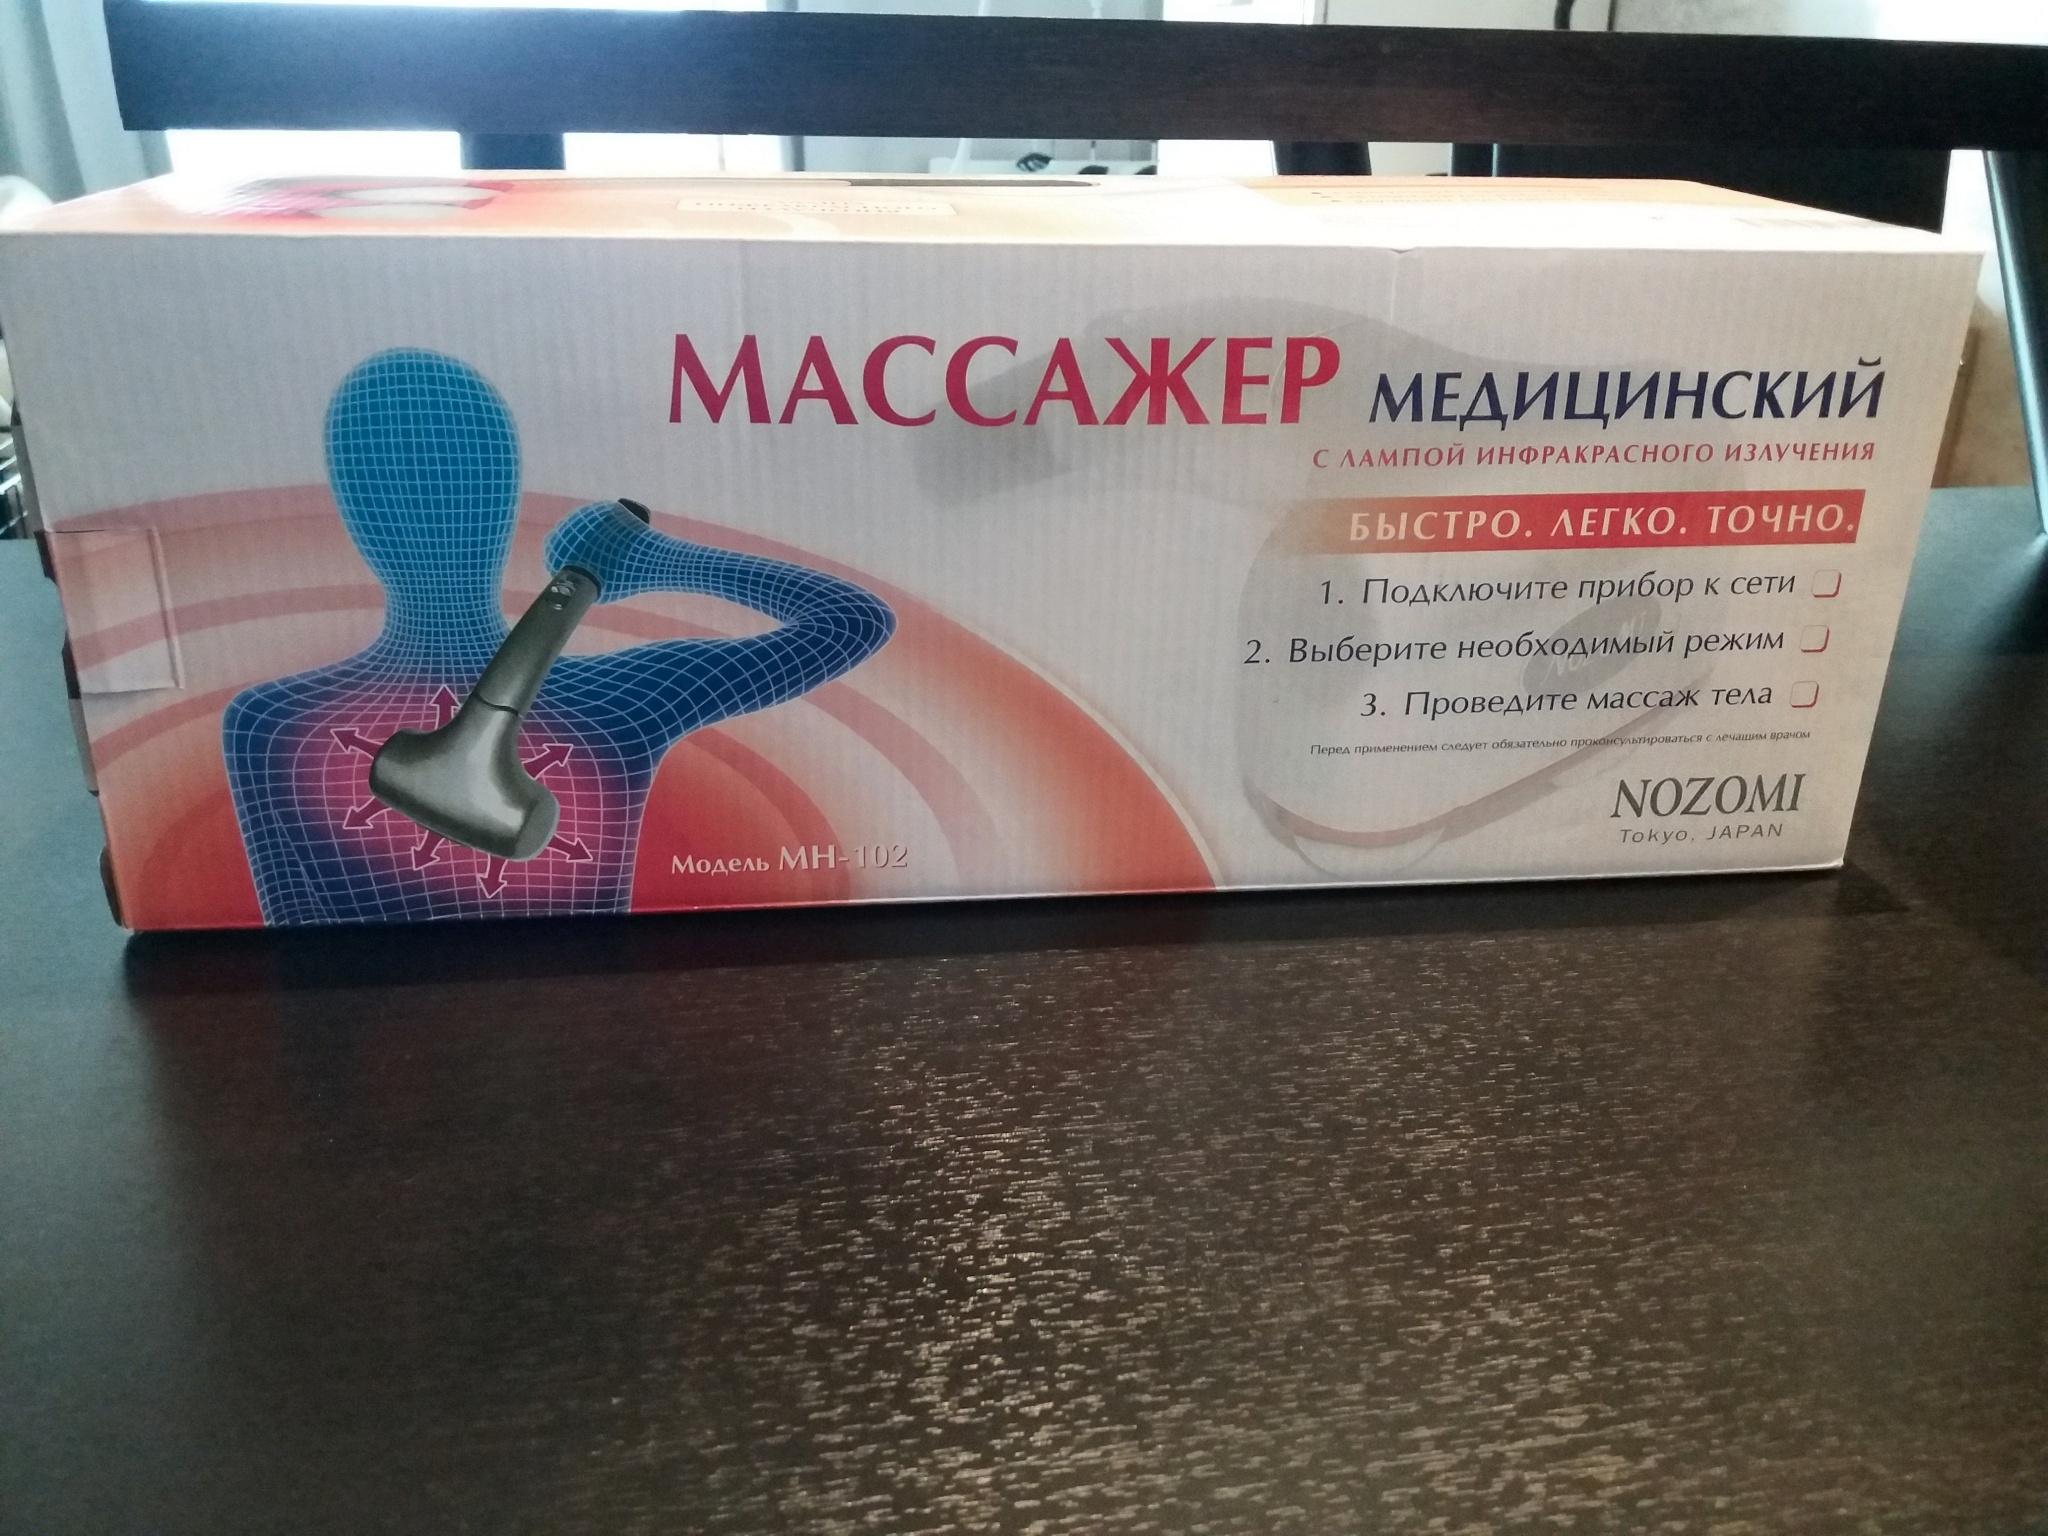 Ручной массажер инфракрасной лампой пленка для вакуумного упаковщика екатеринбург